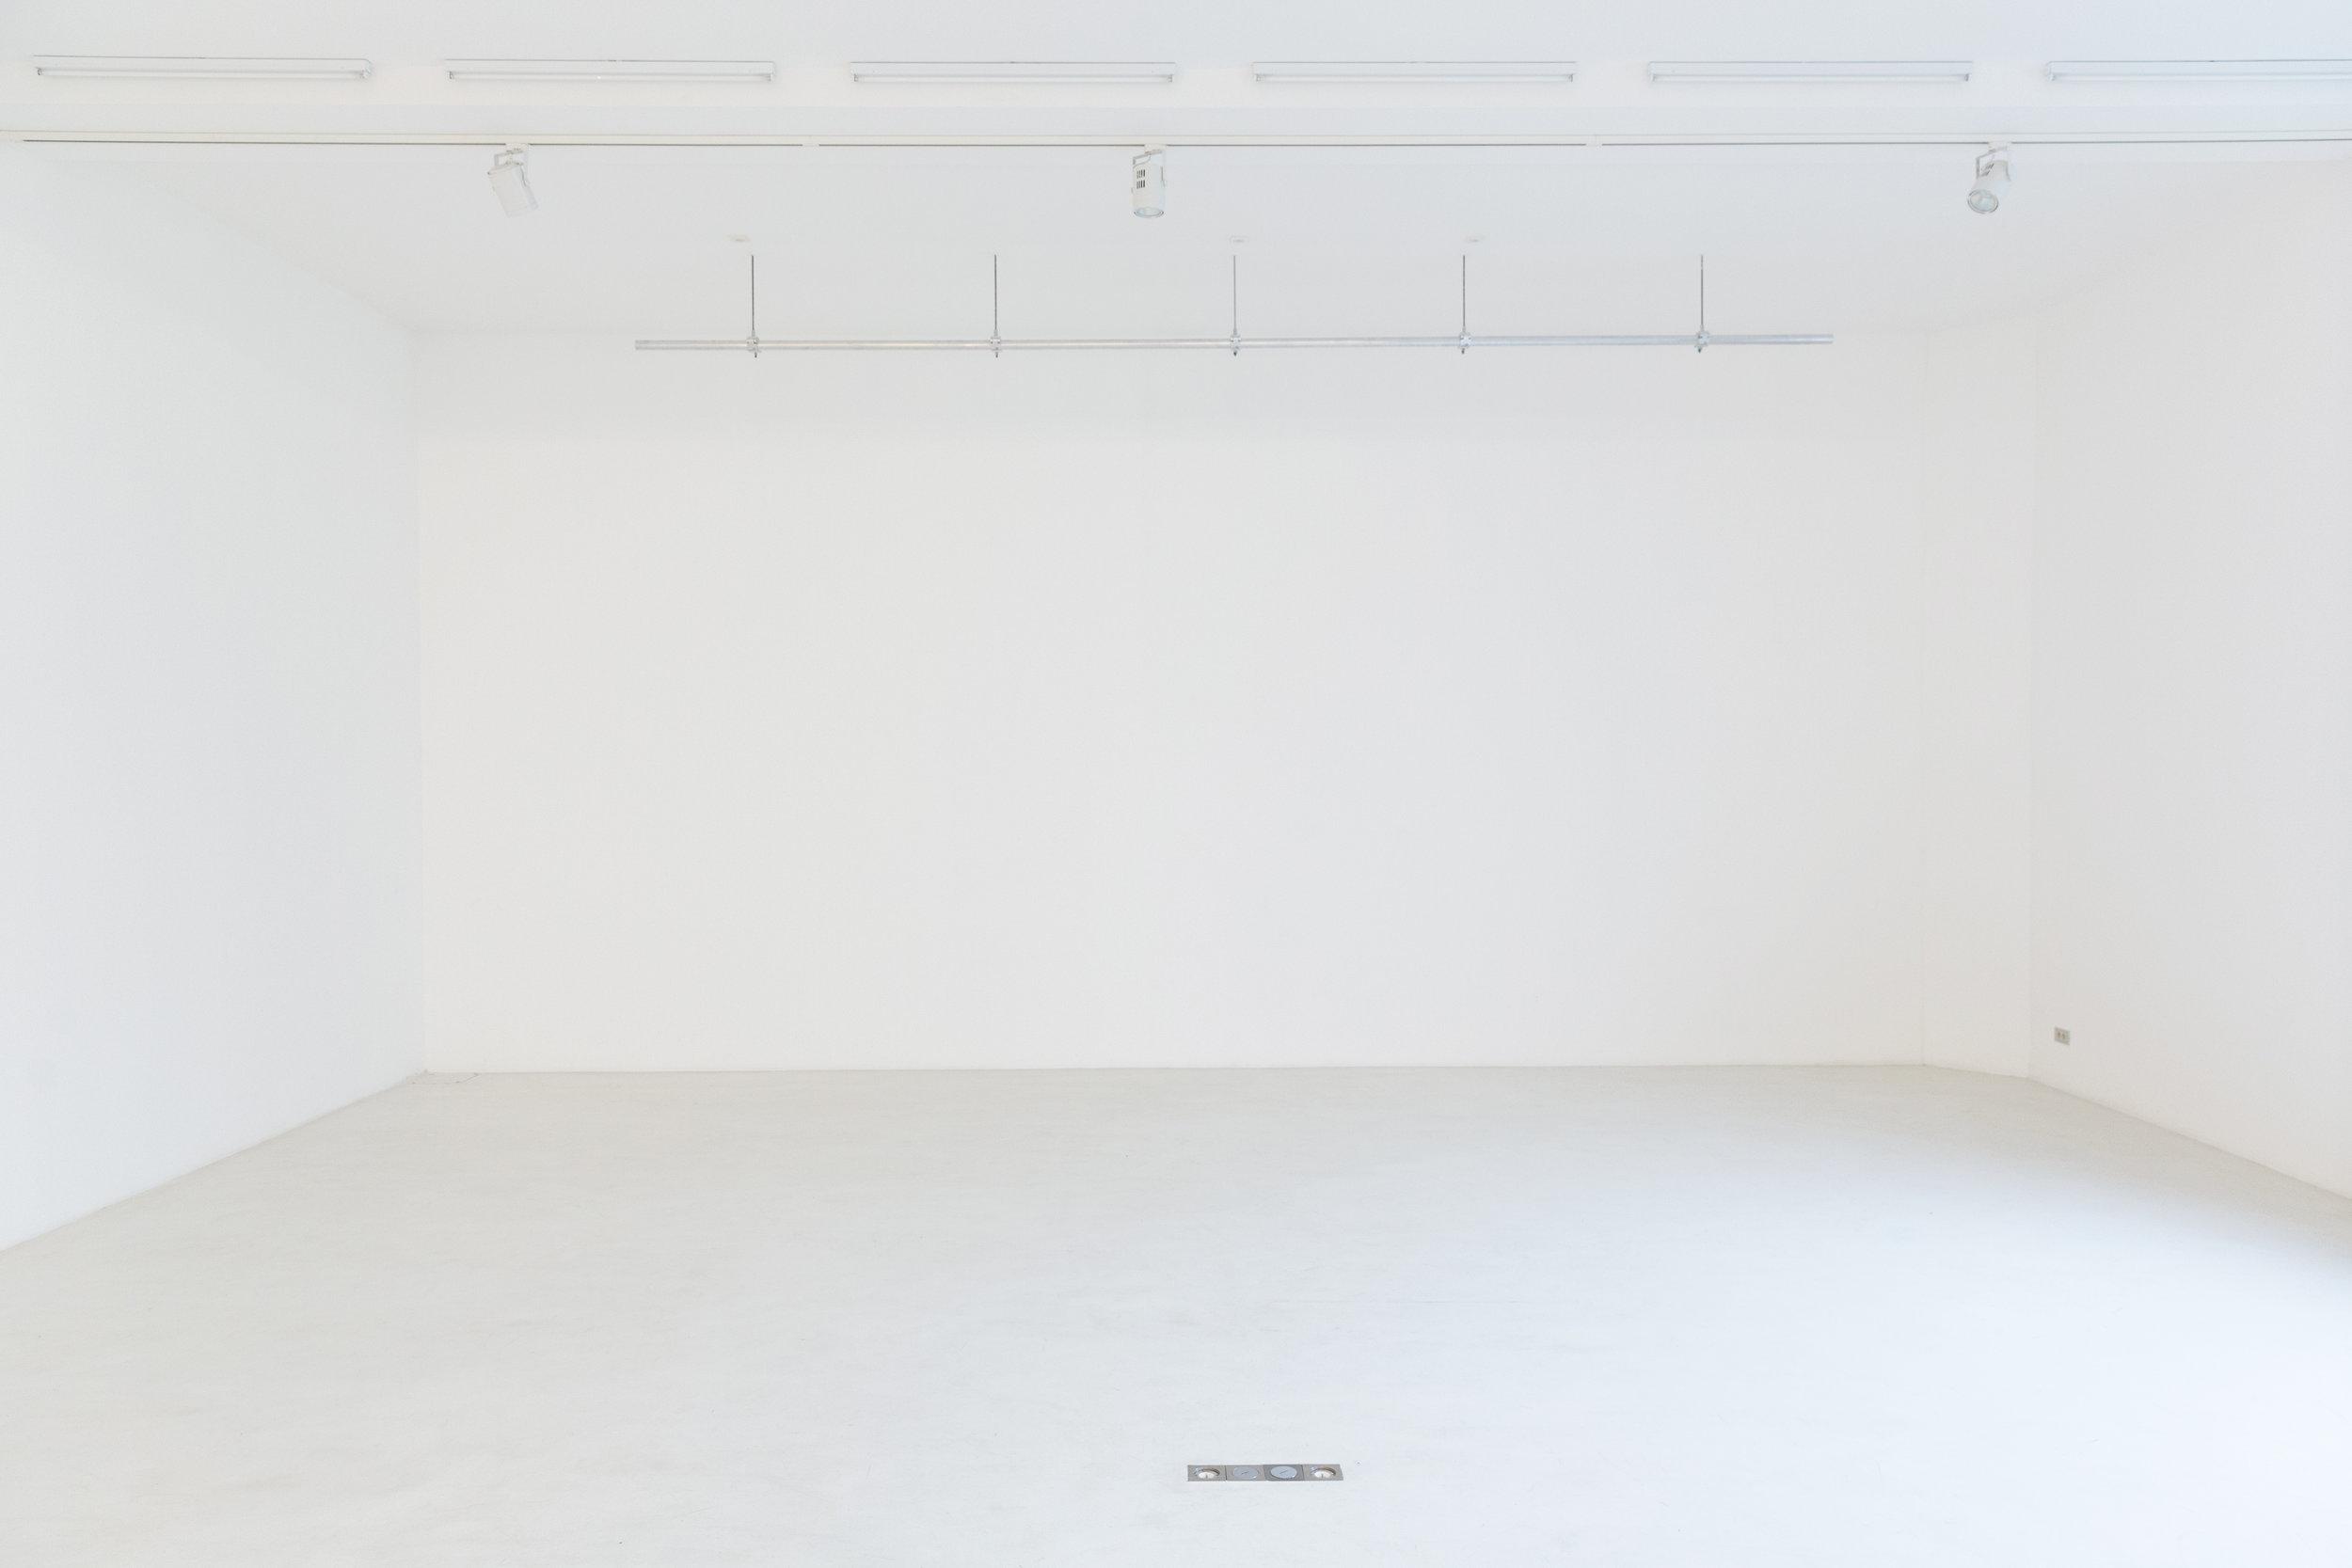 studiostories_2018_40.jpg